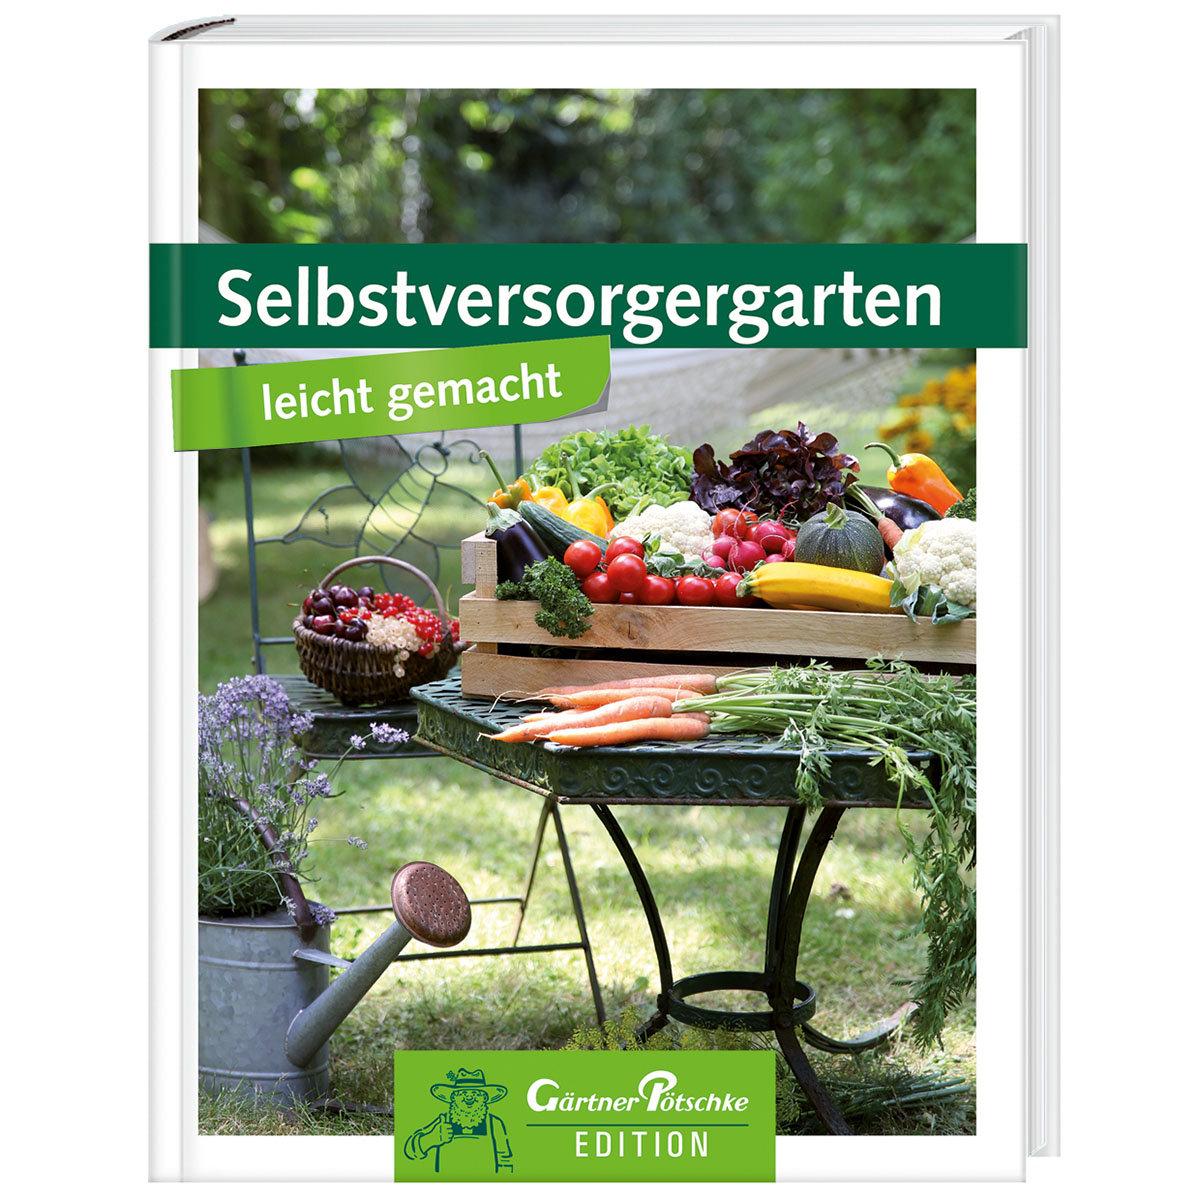 Selbstversorgergarten Leicht Gemacht Online Kaufen Bei Gartner Potschke